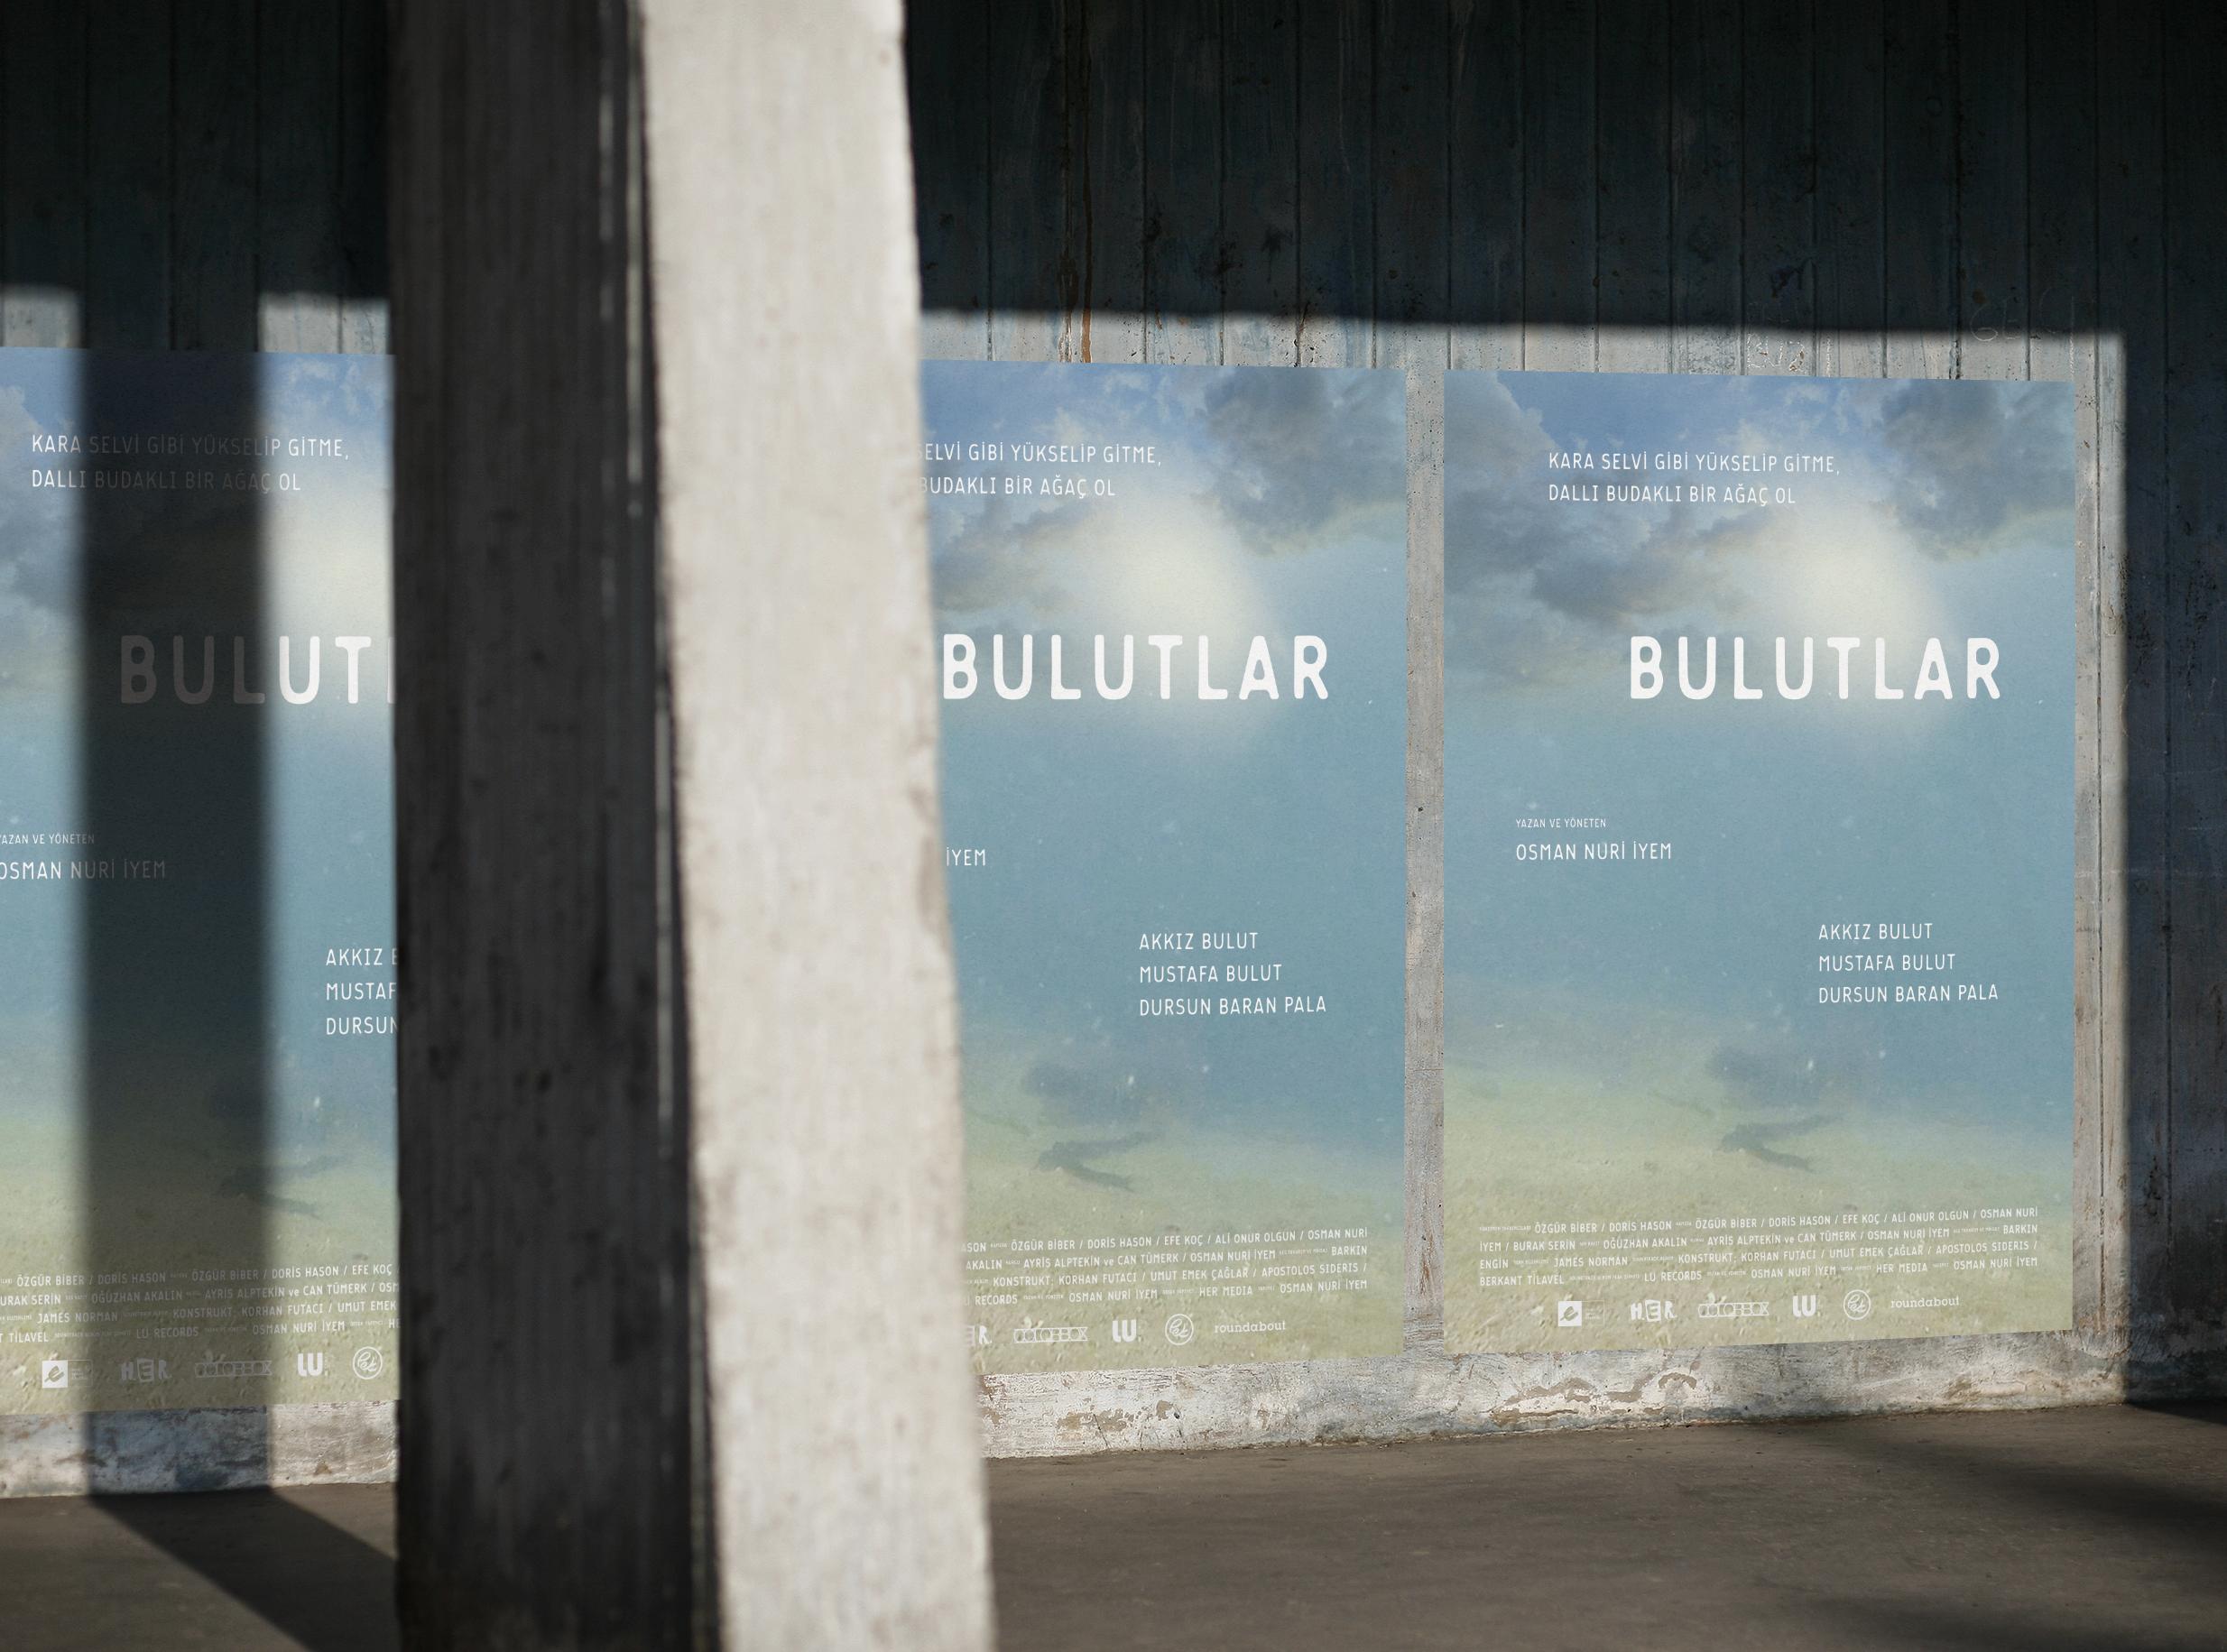 bulutposter2.jpg